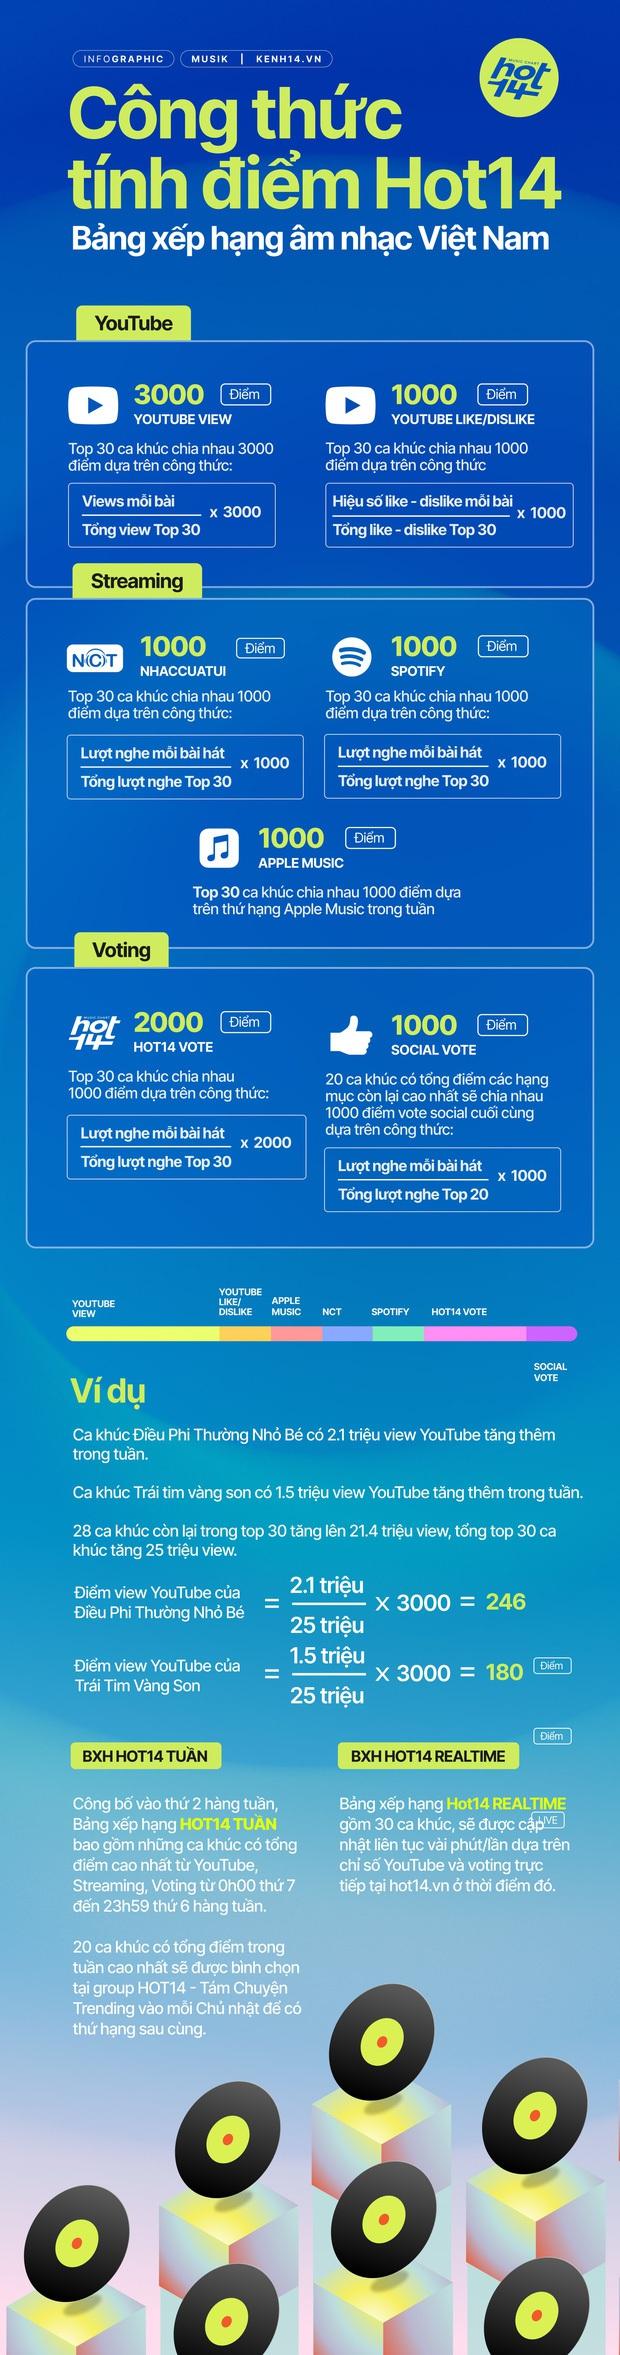 HOT14: Bảng xếp hạng tiệm cận chuẩn quốc tế mà vẫn phản ánh thói quen nghe nhạc của người Việt - Ảnh 4.